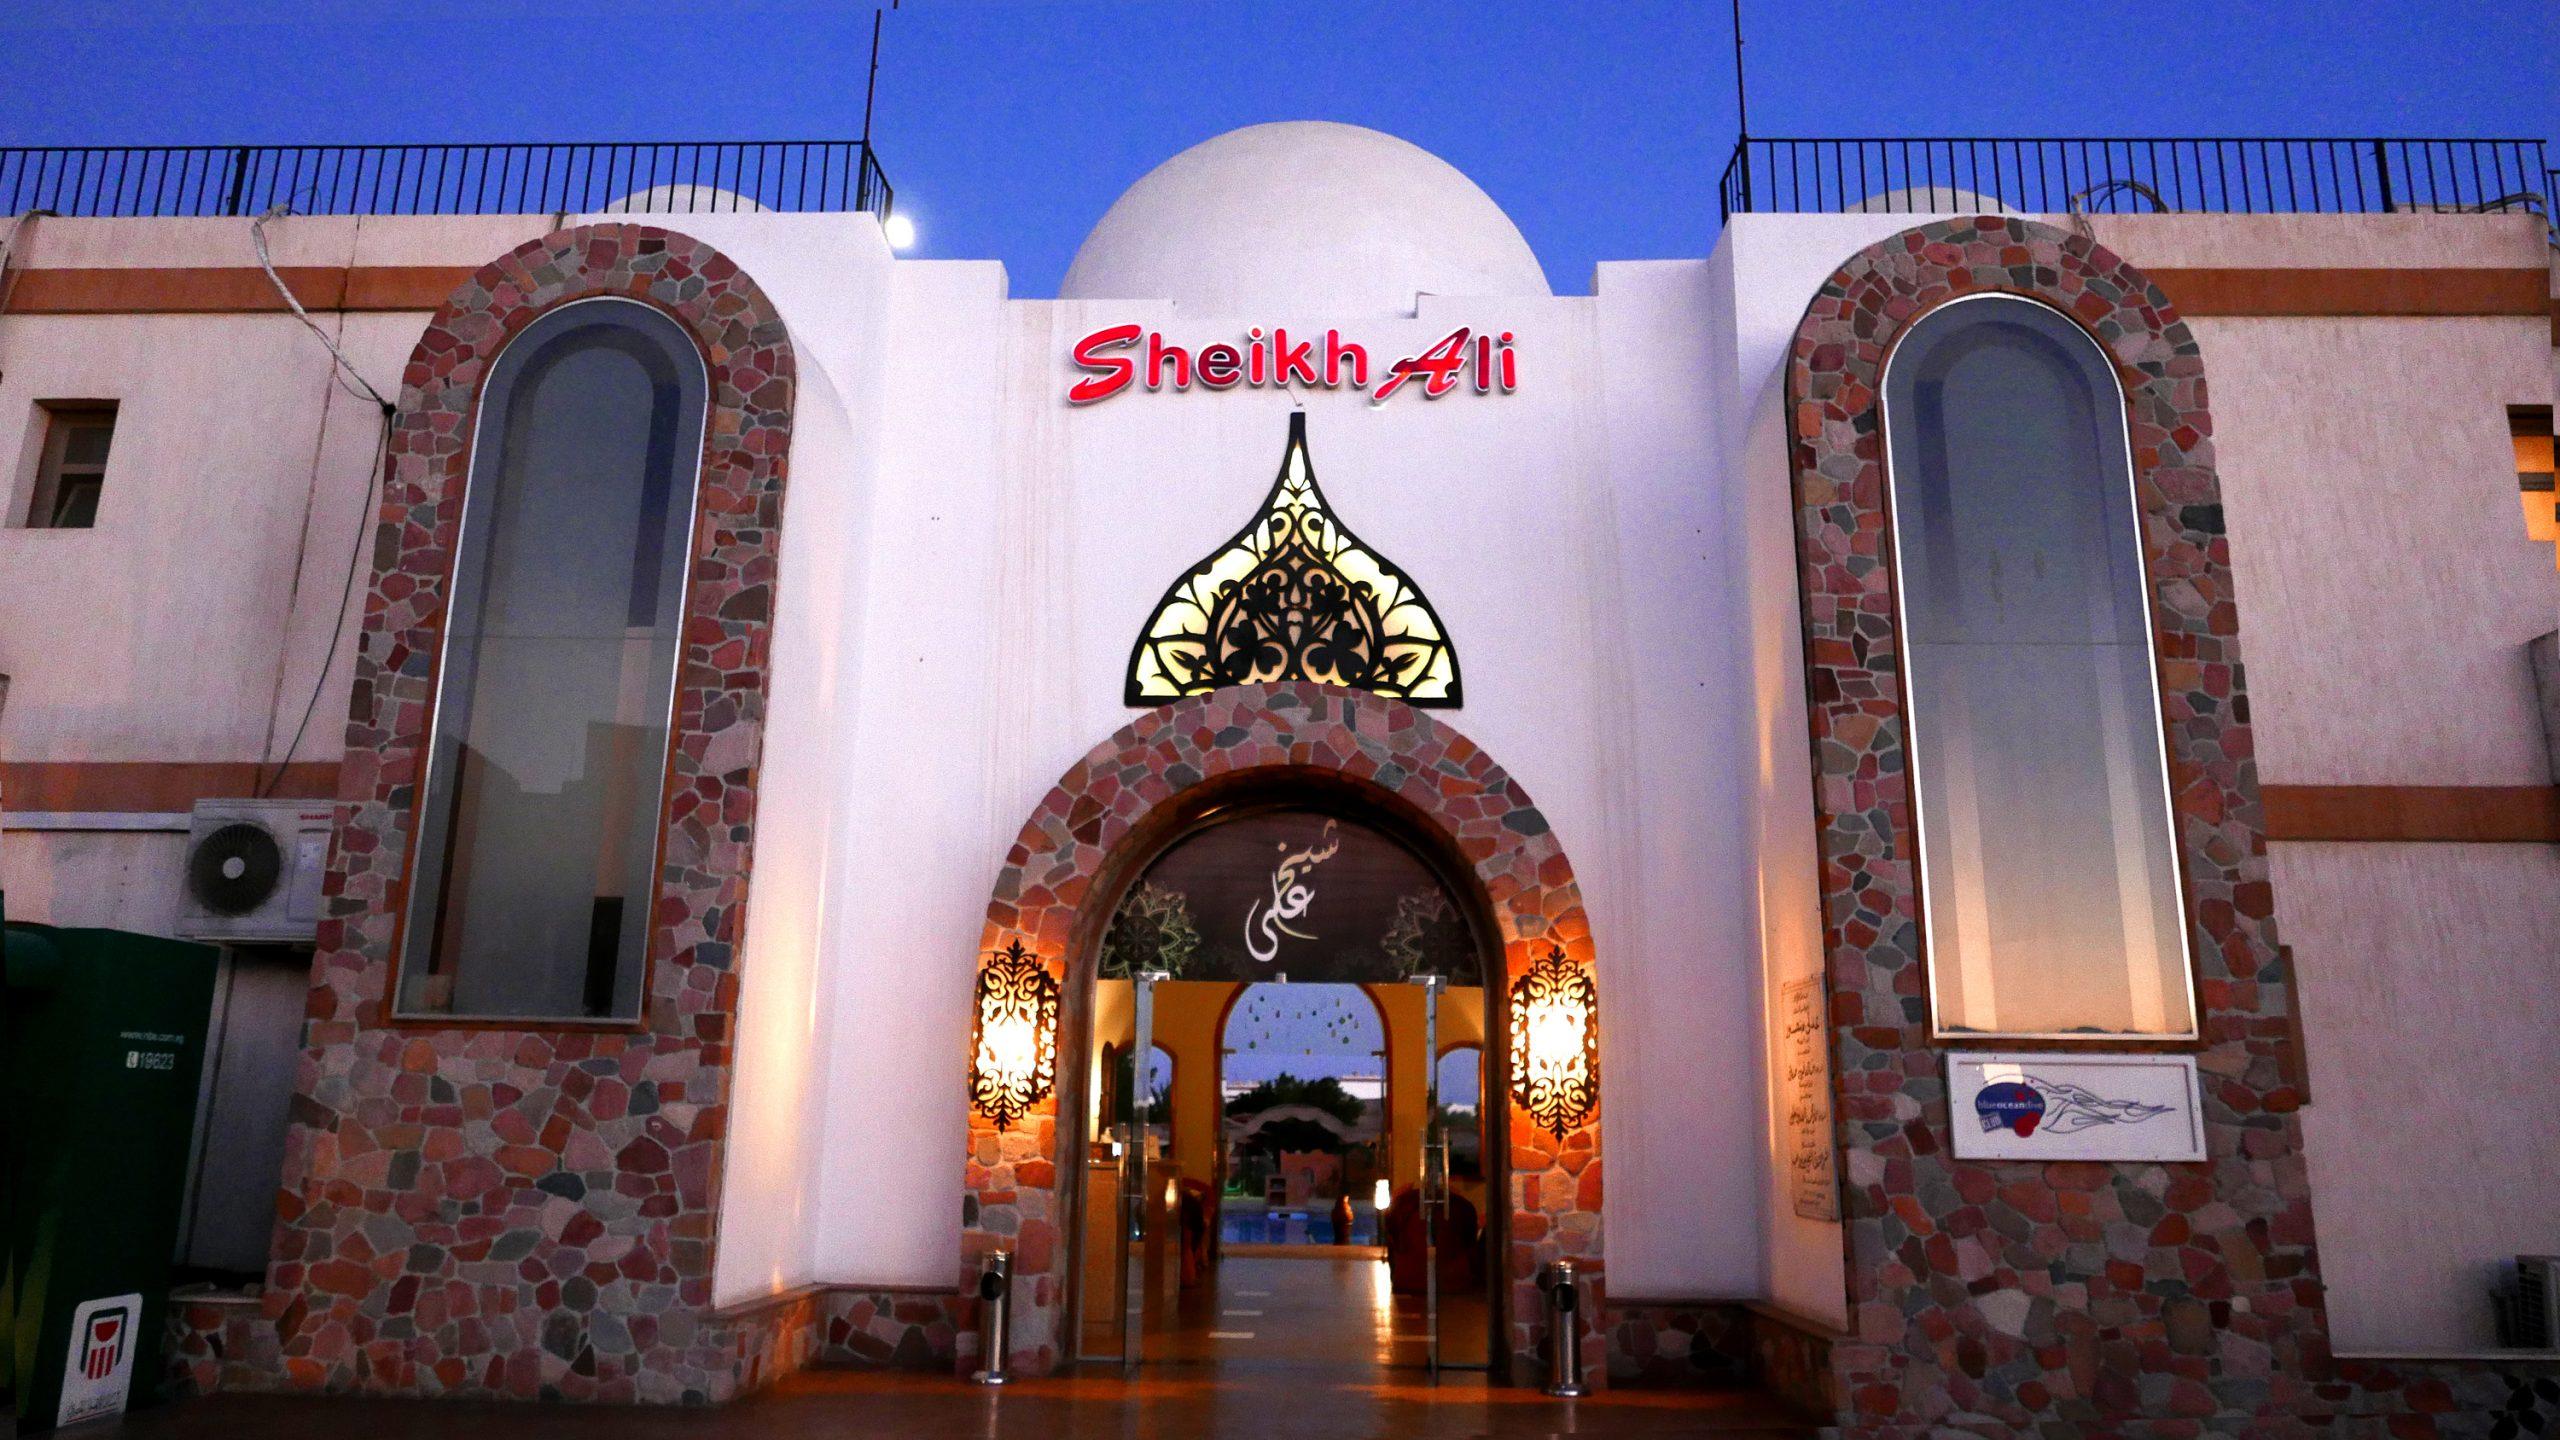 sheikh ali dahab egypt